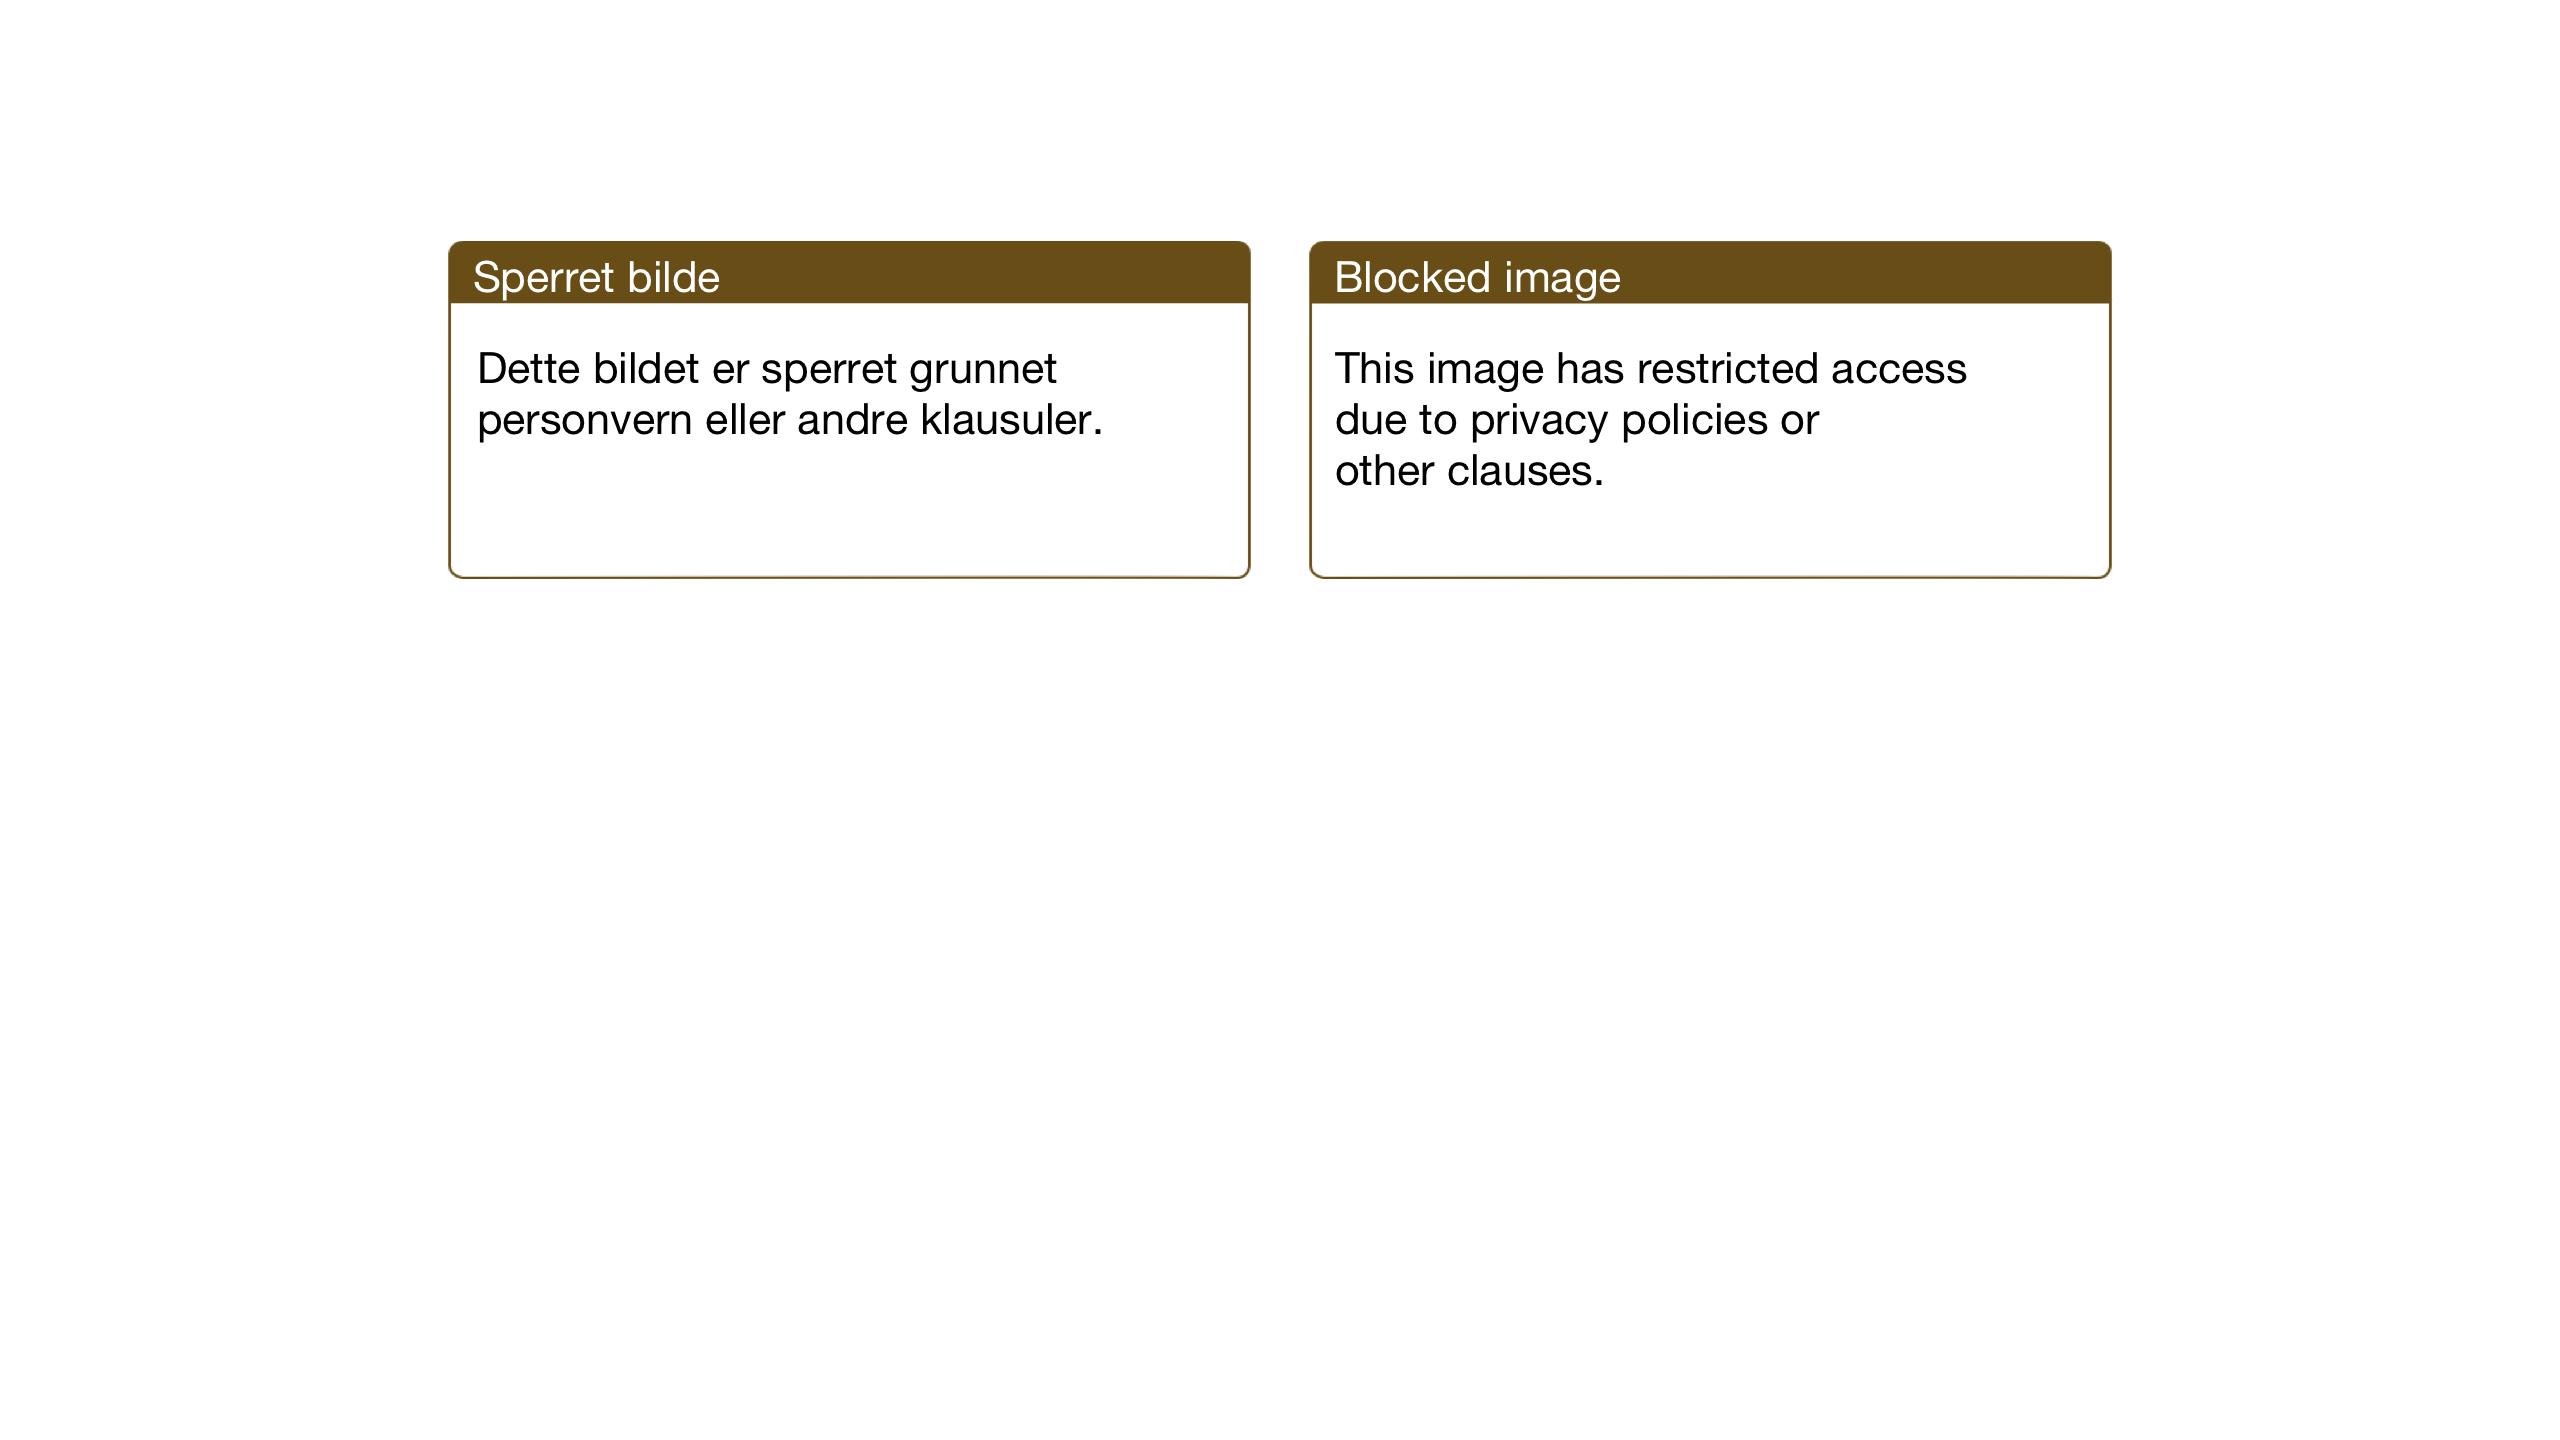 SAT, Ministerialprotokoller, klokkerbøker og fødselsregistre - Nord-Trøndelag, 714/L0136: Klokkerbok nr. 714C05, 1918-1957, s. 243